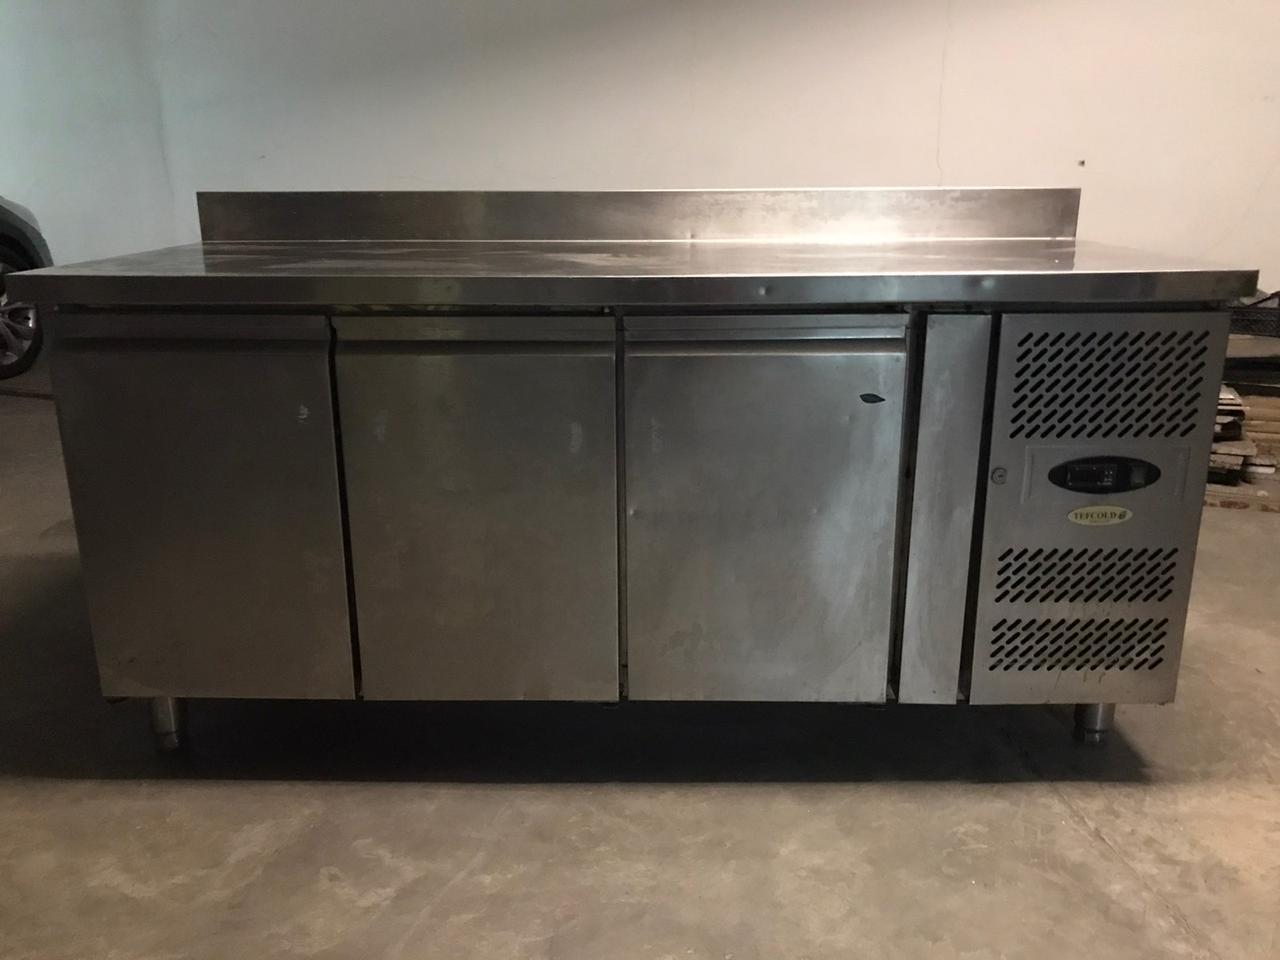 Стол холодильный трехдверный Tefcold CK 7310 (Дания )  Б/У в хорошем рабочем состоянии!.